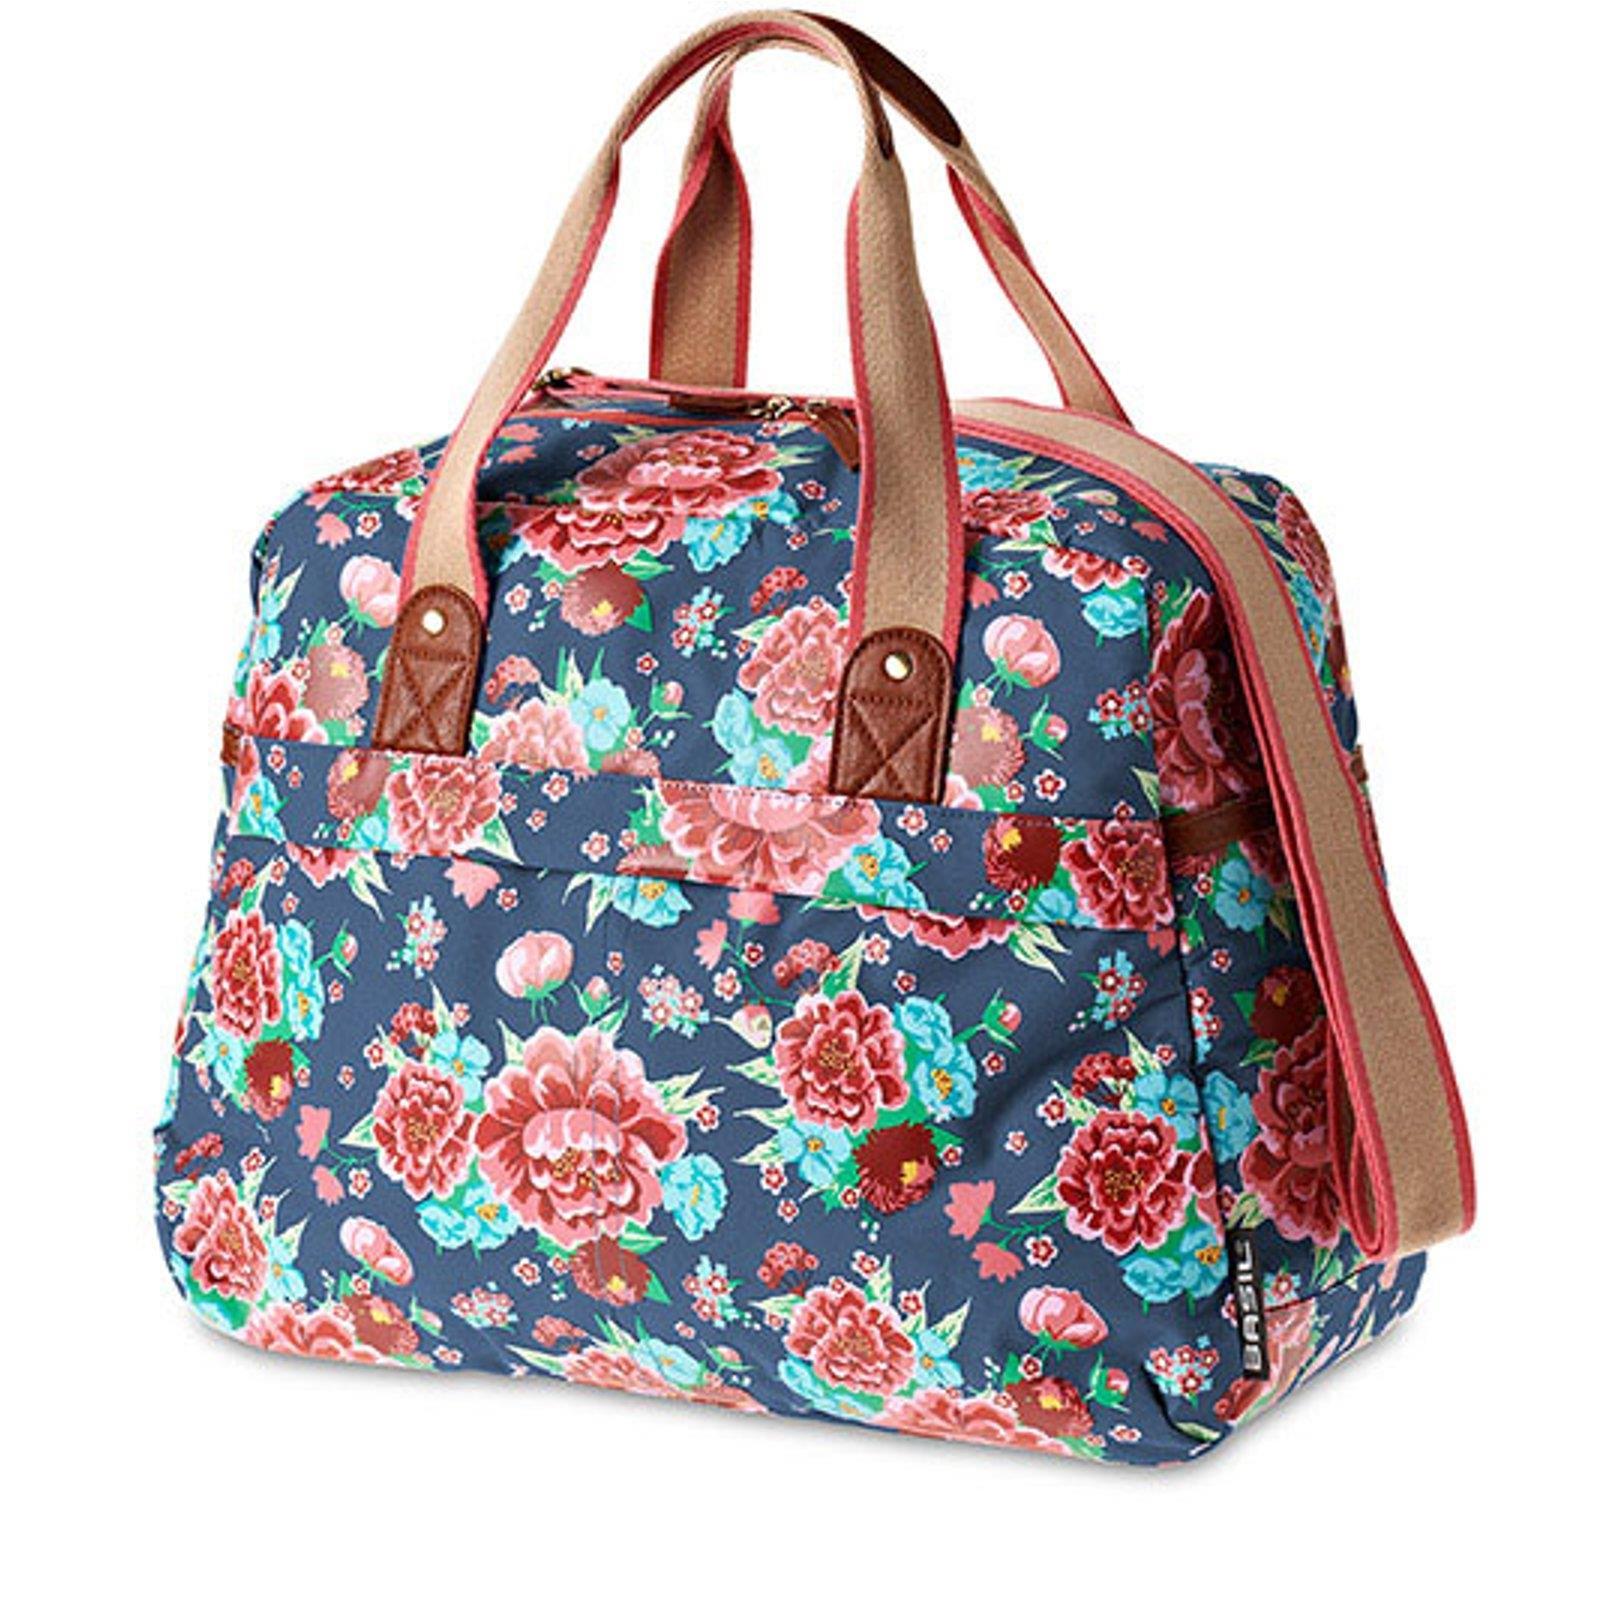 basil bloom handtasche fahrrad blumen motiv einkaufstasche umh ngetasche 18 l ebay. Black Bedroom Furniture Sets. Home Design Ideas